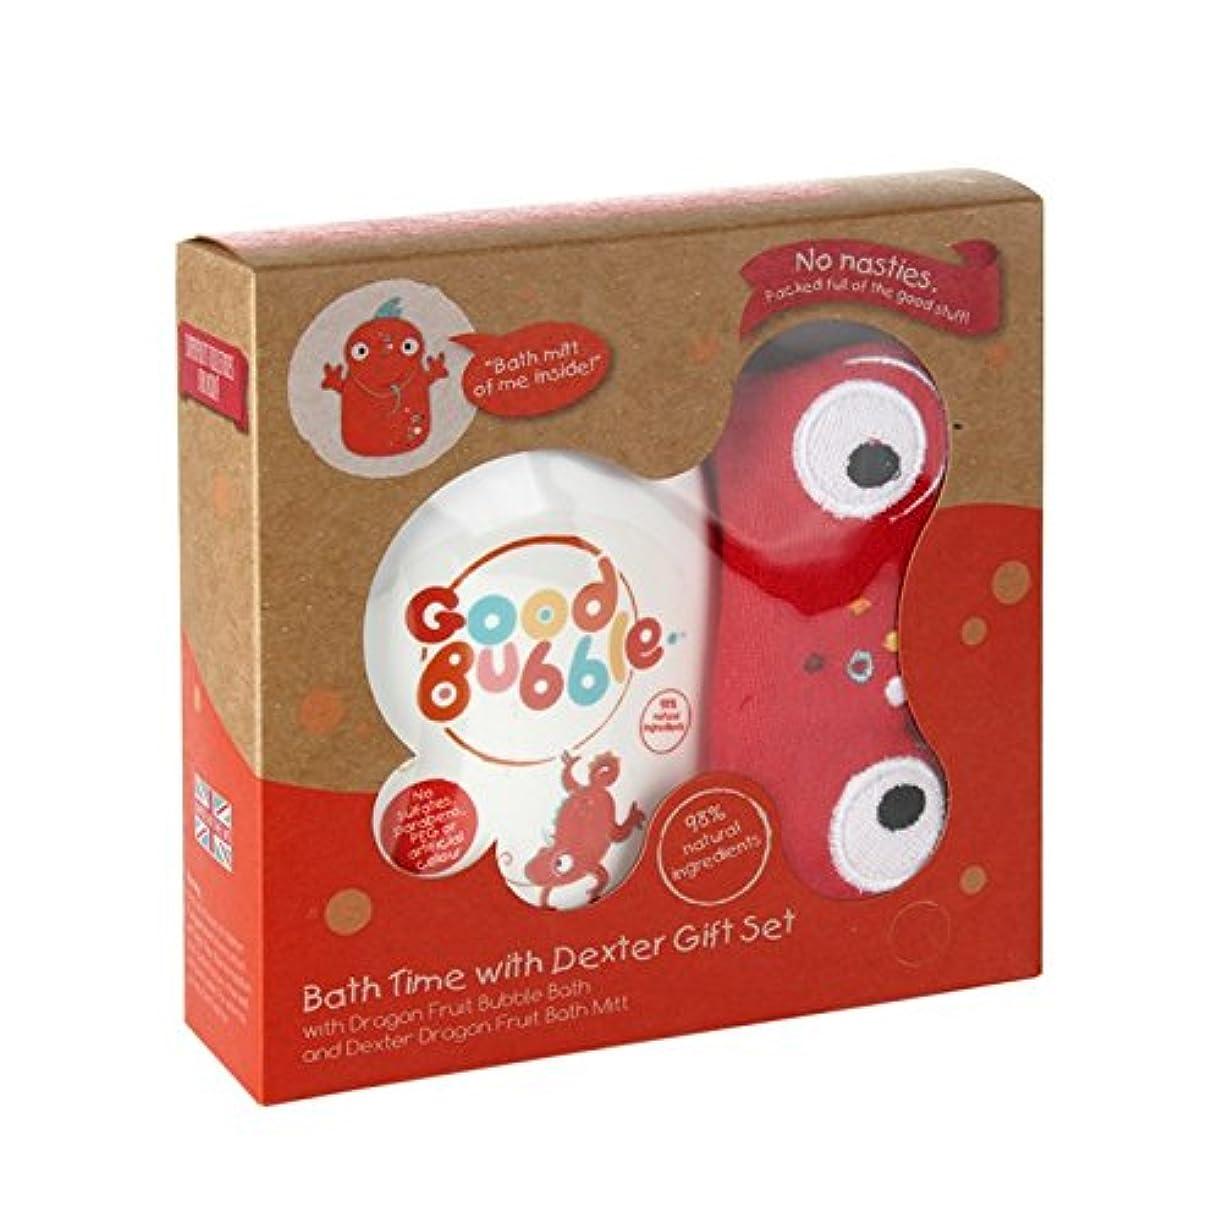 スキッパータイマースキームGood Bubble Dexter Dragonfruit Gift Set 550g (Pack of 6) - 良いバブルデクスターDragonfruitギフトセット550グラム (x6) [並行輸入品]